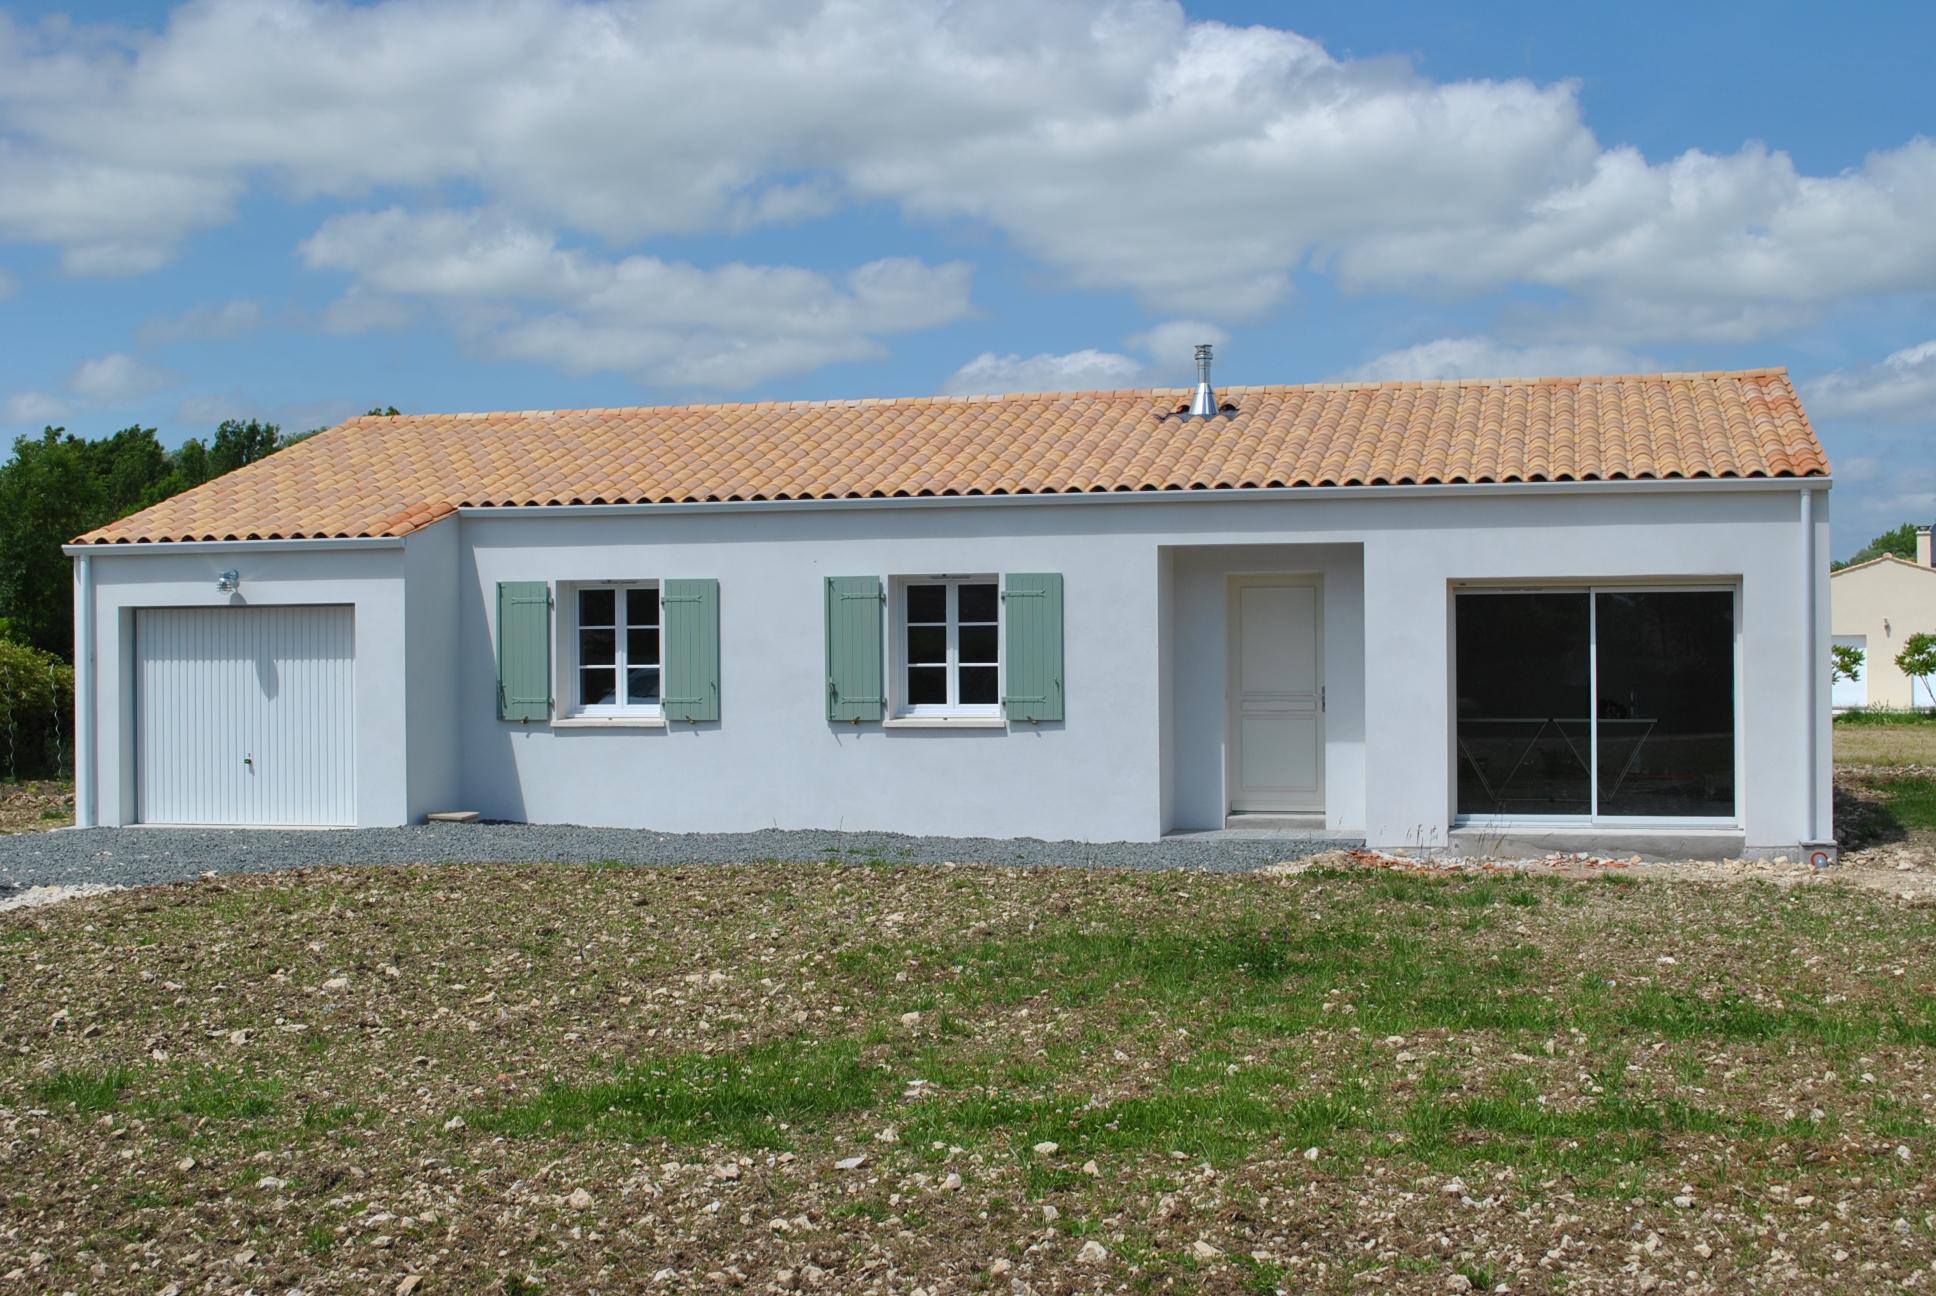 Mod le elodie 3 maisons lara for Constructeur maison individuelle 17000